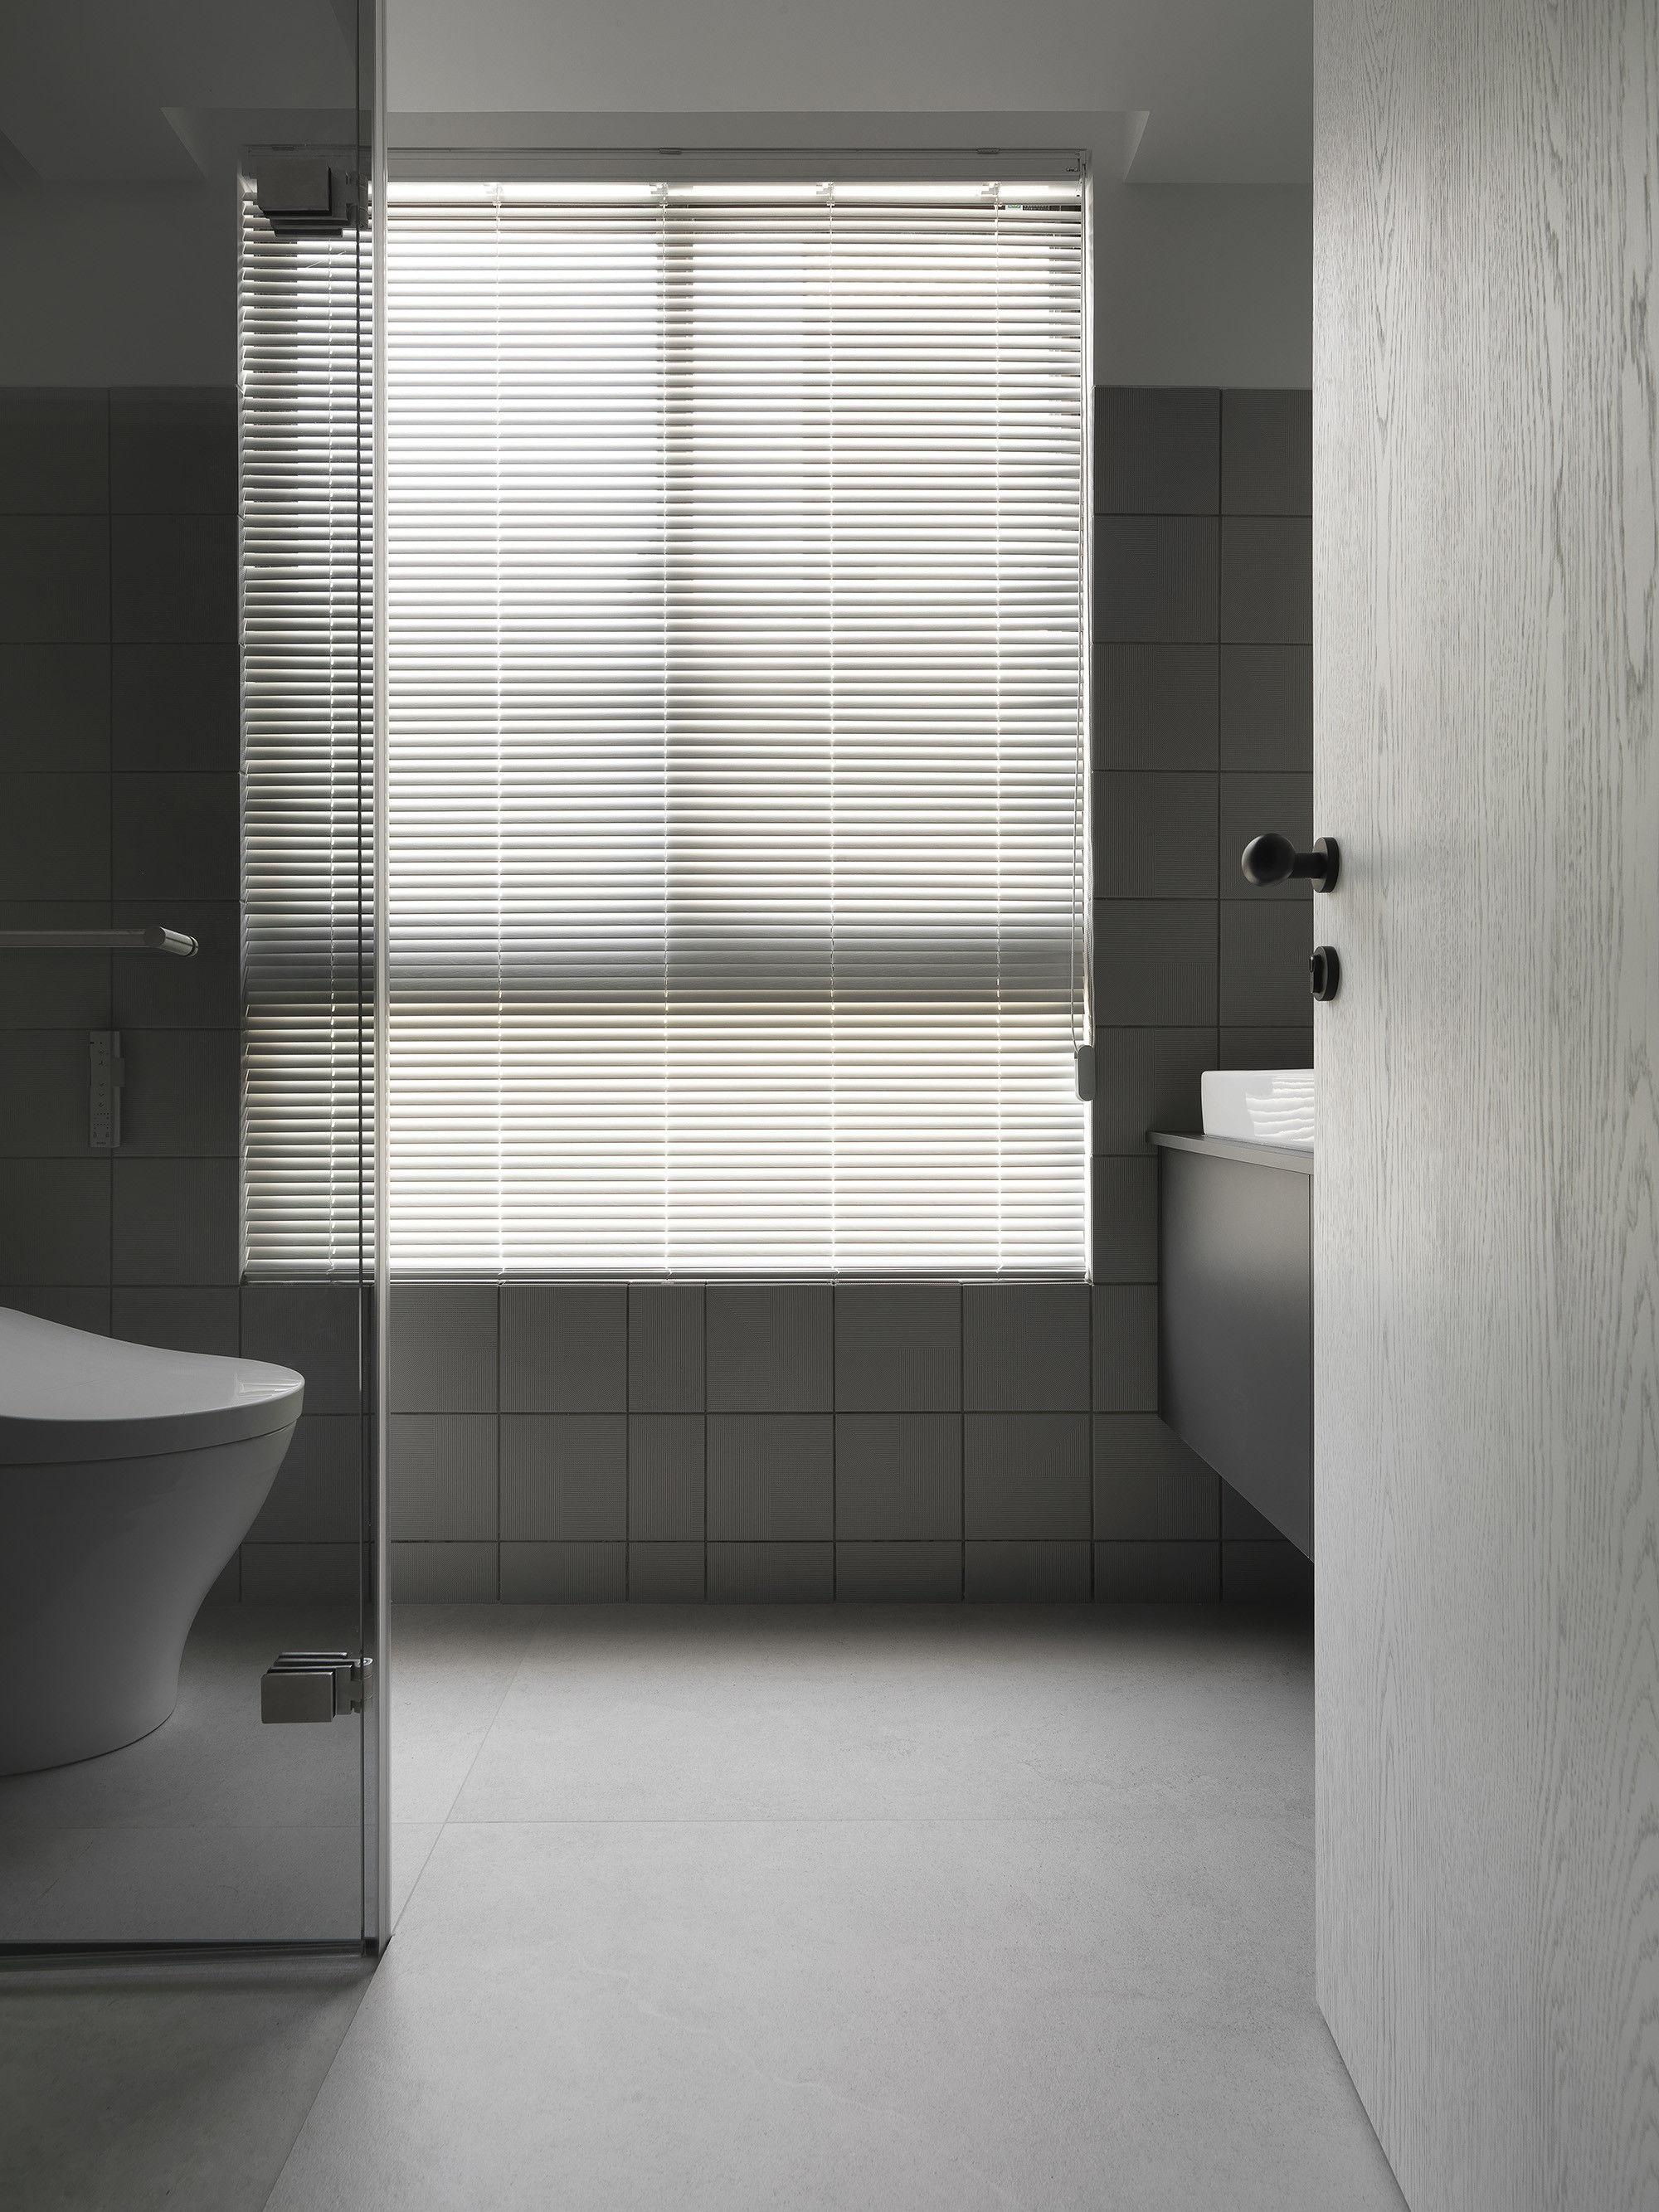 台中 分子室內裝修設計 - 單層電梯大樓 - 現代風住宅設計 - 全室舊屋翻新 - 衛浴空間 - 浴室